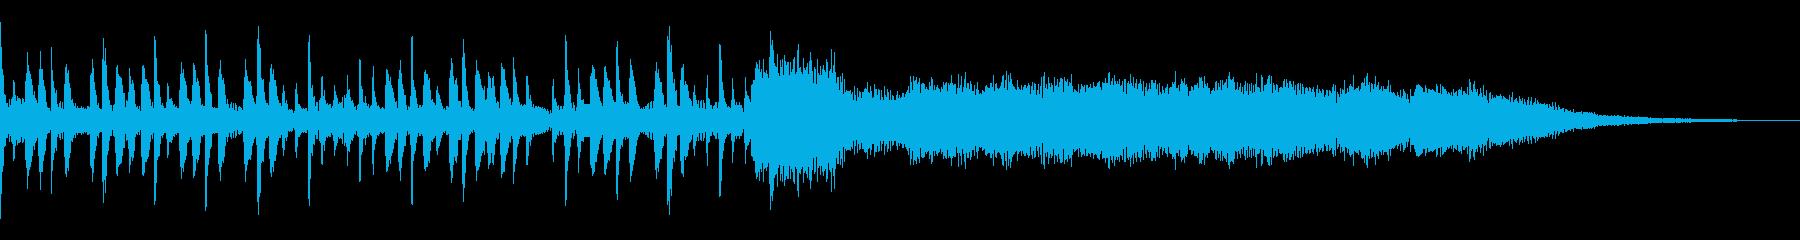 キックドラムとエンディングの長いニ...の再生済みの波形